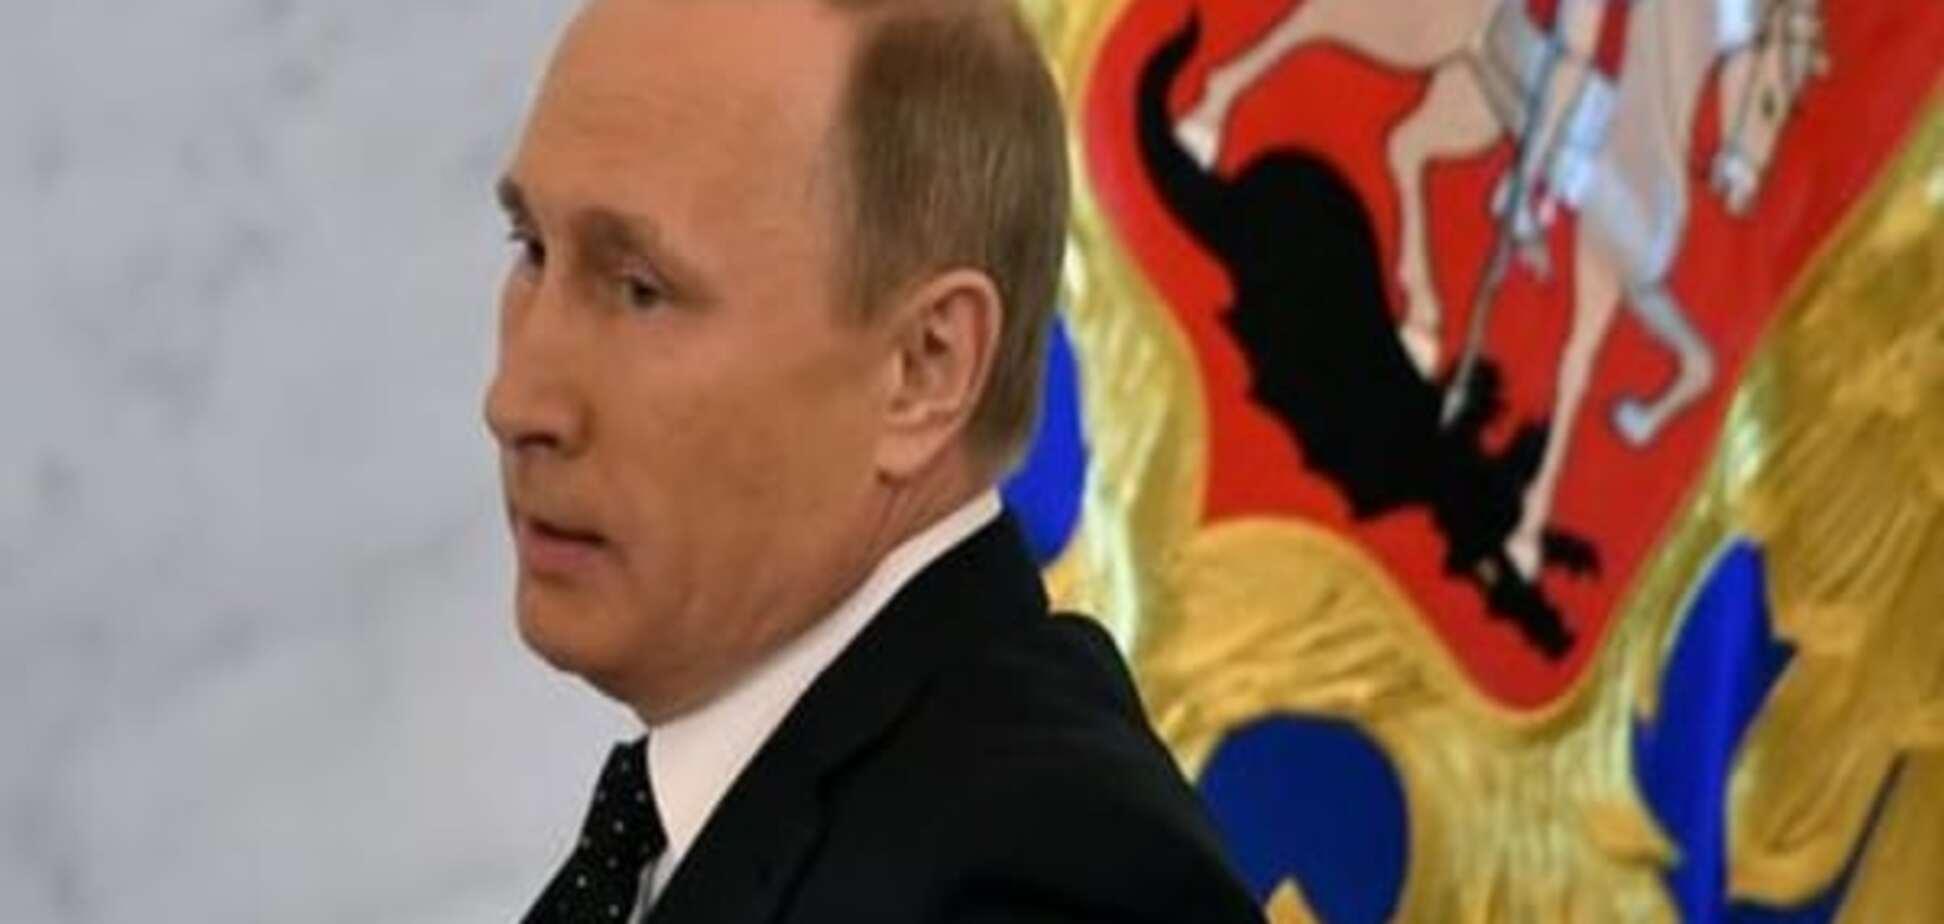 Коментар: Путін знайшов новий образ ворога